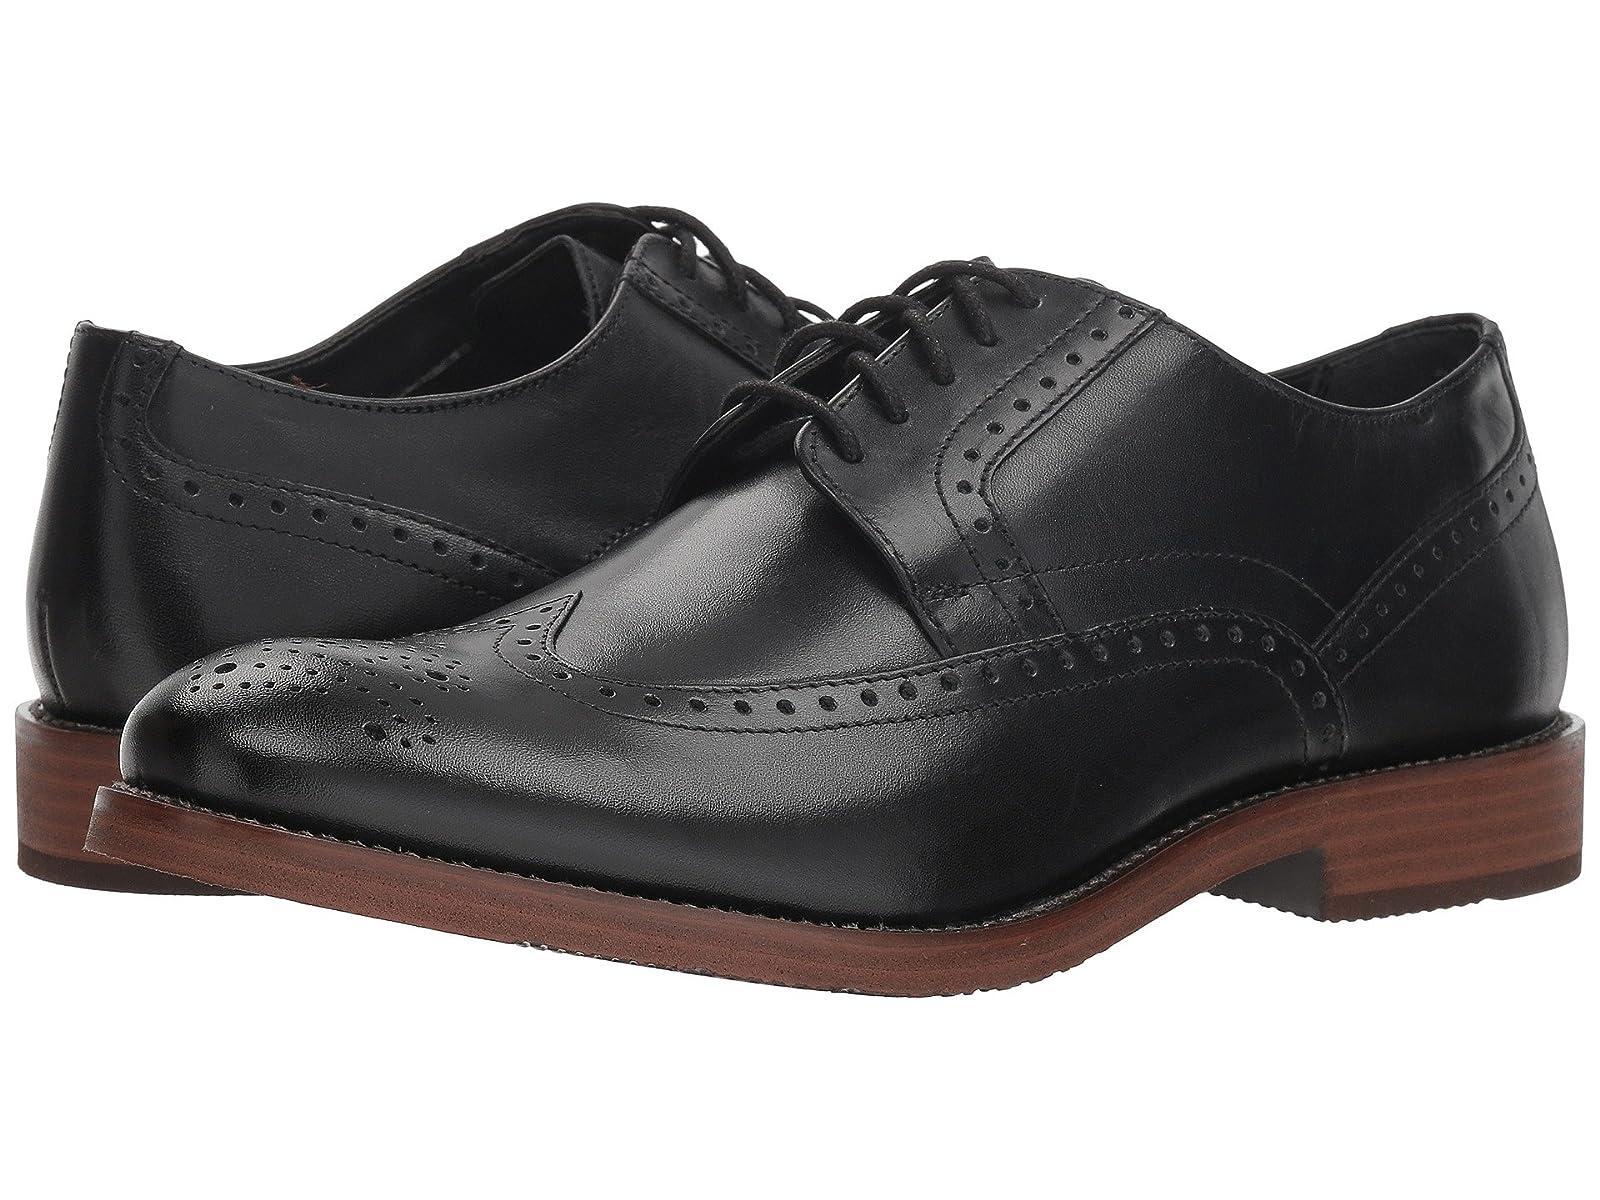 Nunn Bush Middleton Wing Tip OxfordAtmospheric grades have affordable shoes